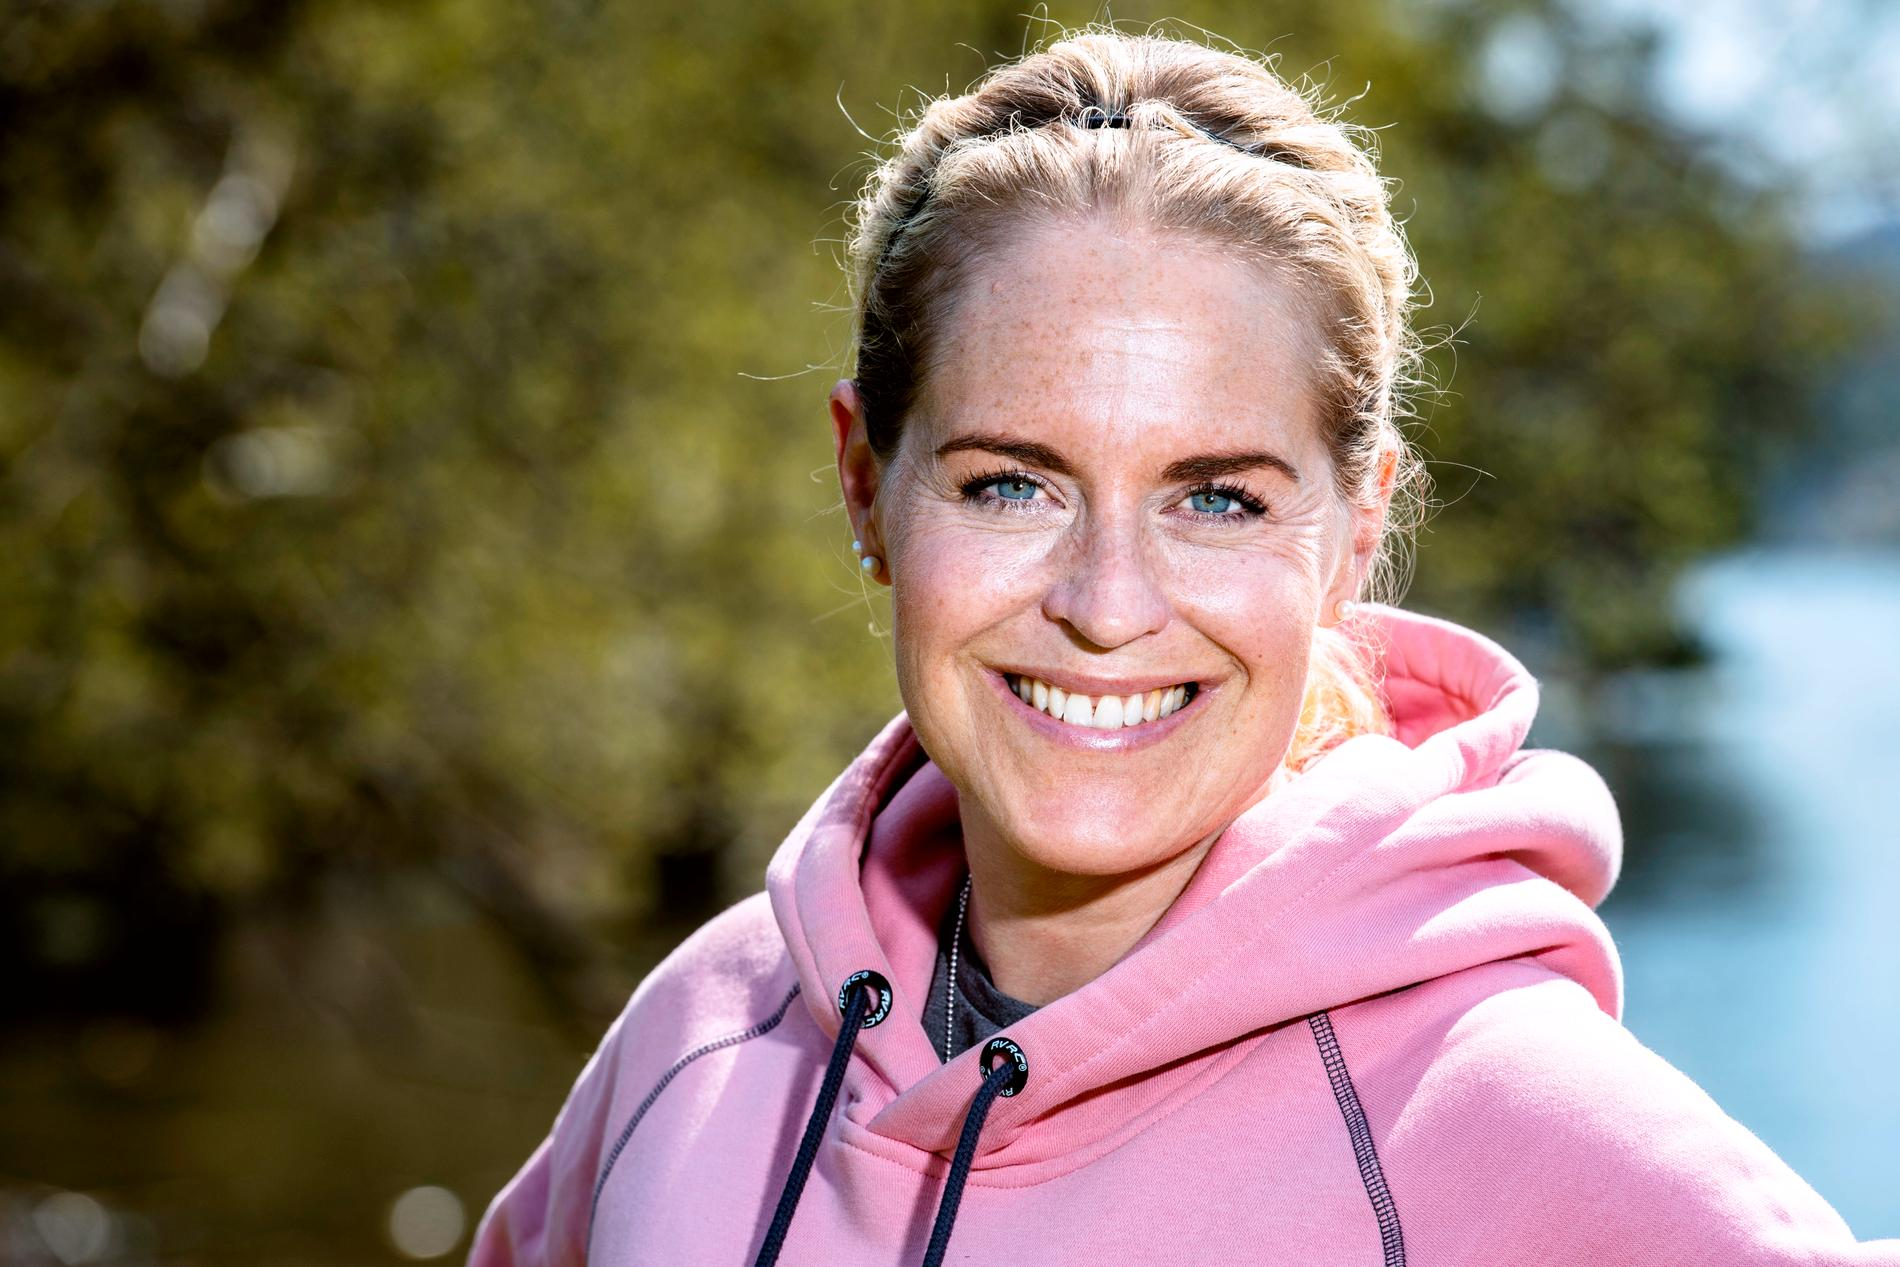 Simning är en träningsform som går att anpassa och förändra lika mycket som löpning, anser den personliga tränaren Erika Rosenbaum.